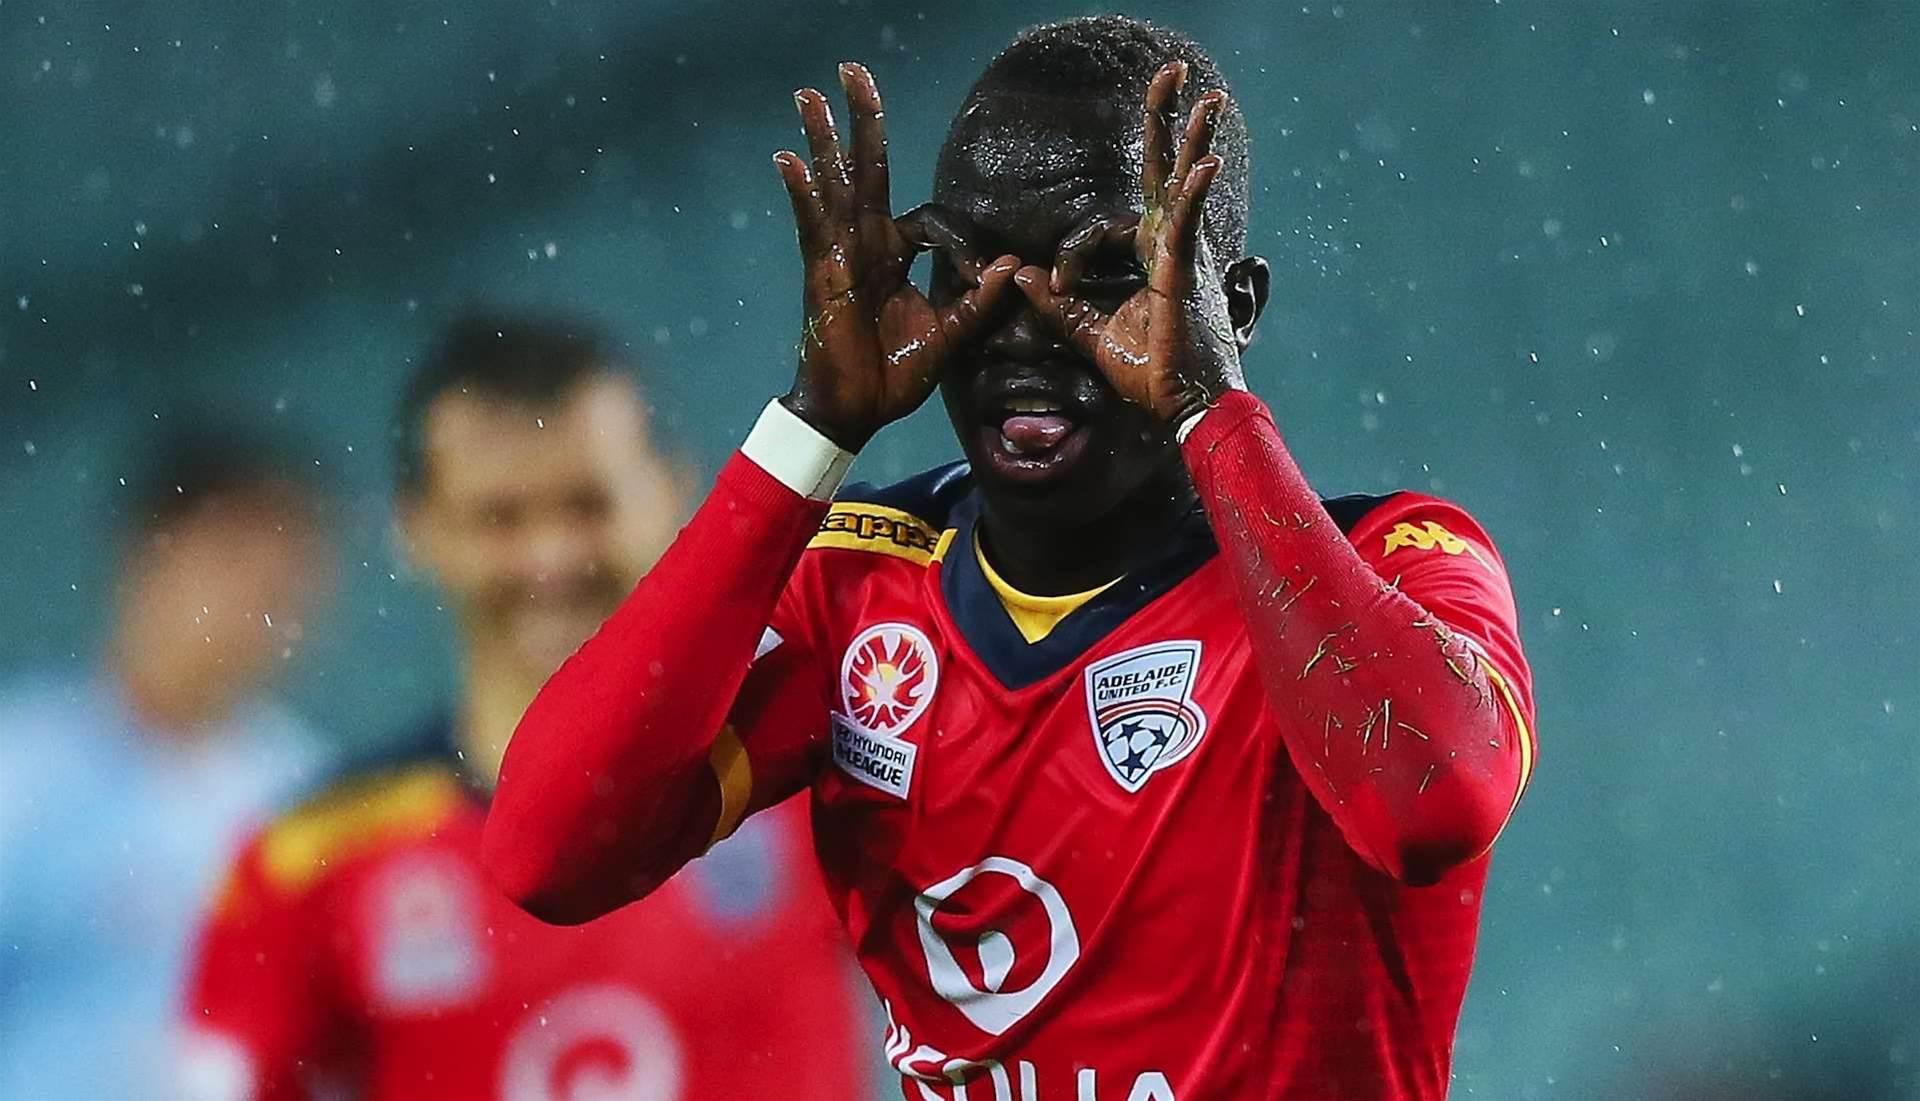 Mabil scores against parent club